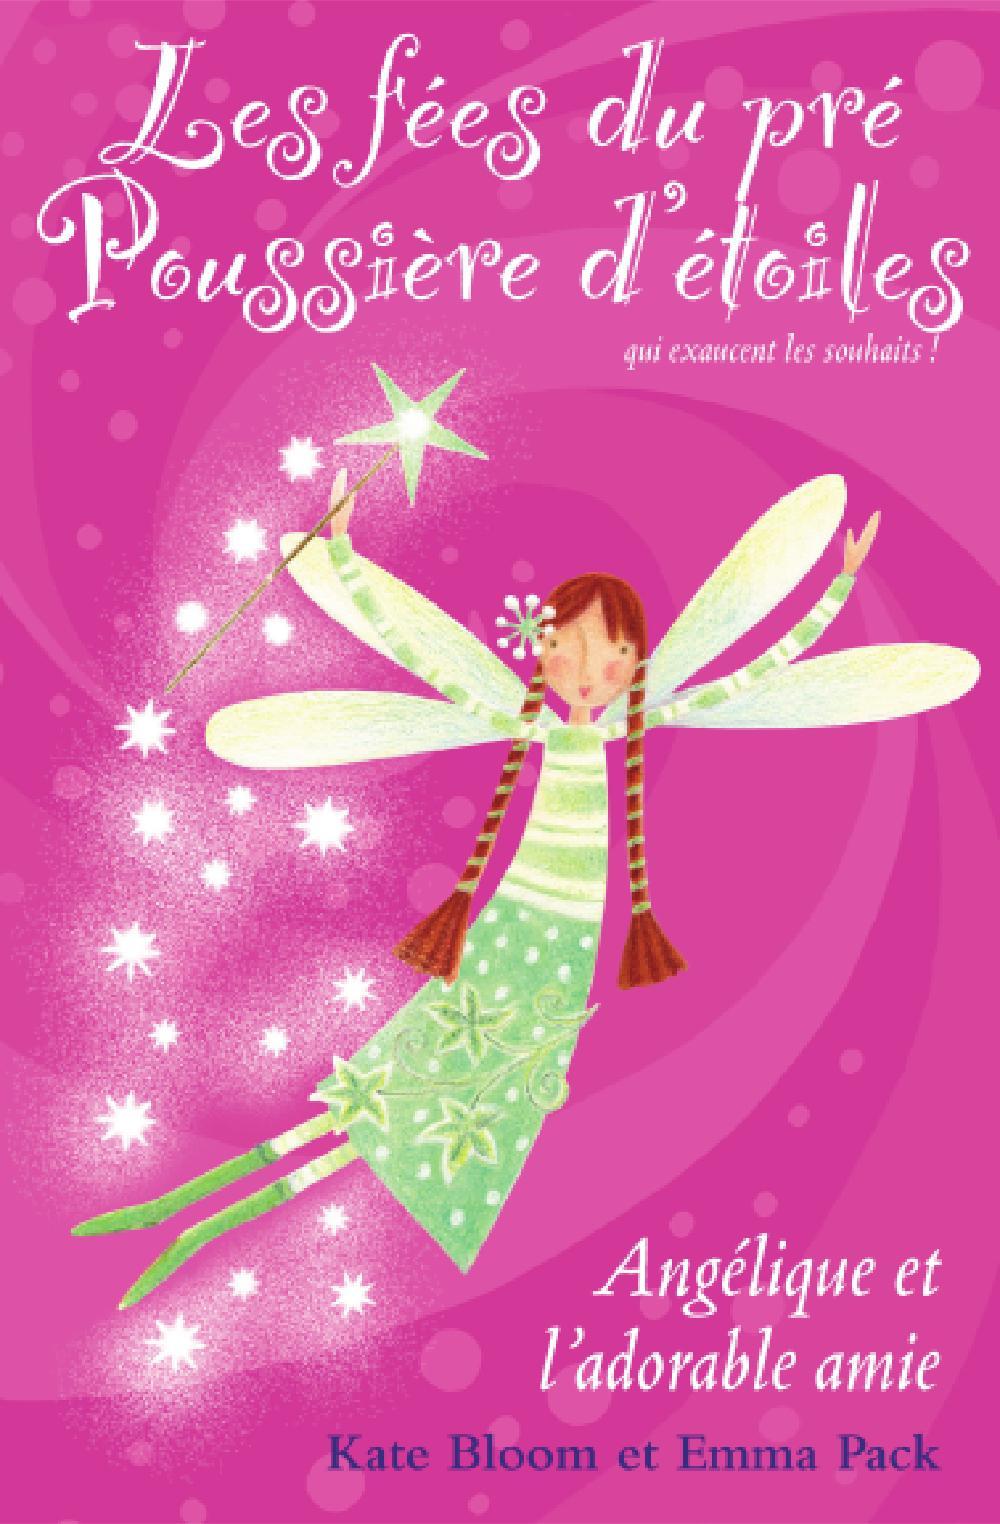 Les fées du pré Poussière d'étoiles, Angélique et l'adorable amie